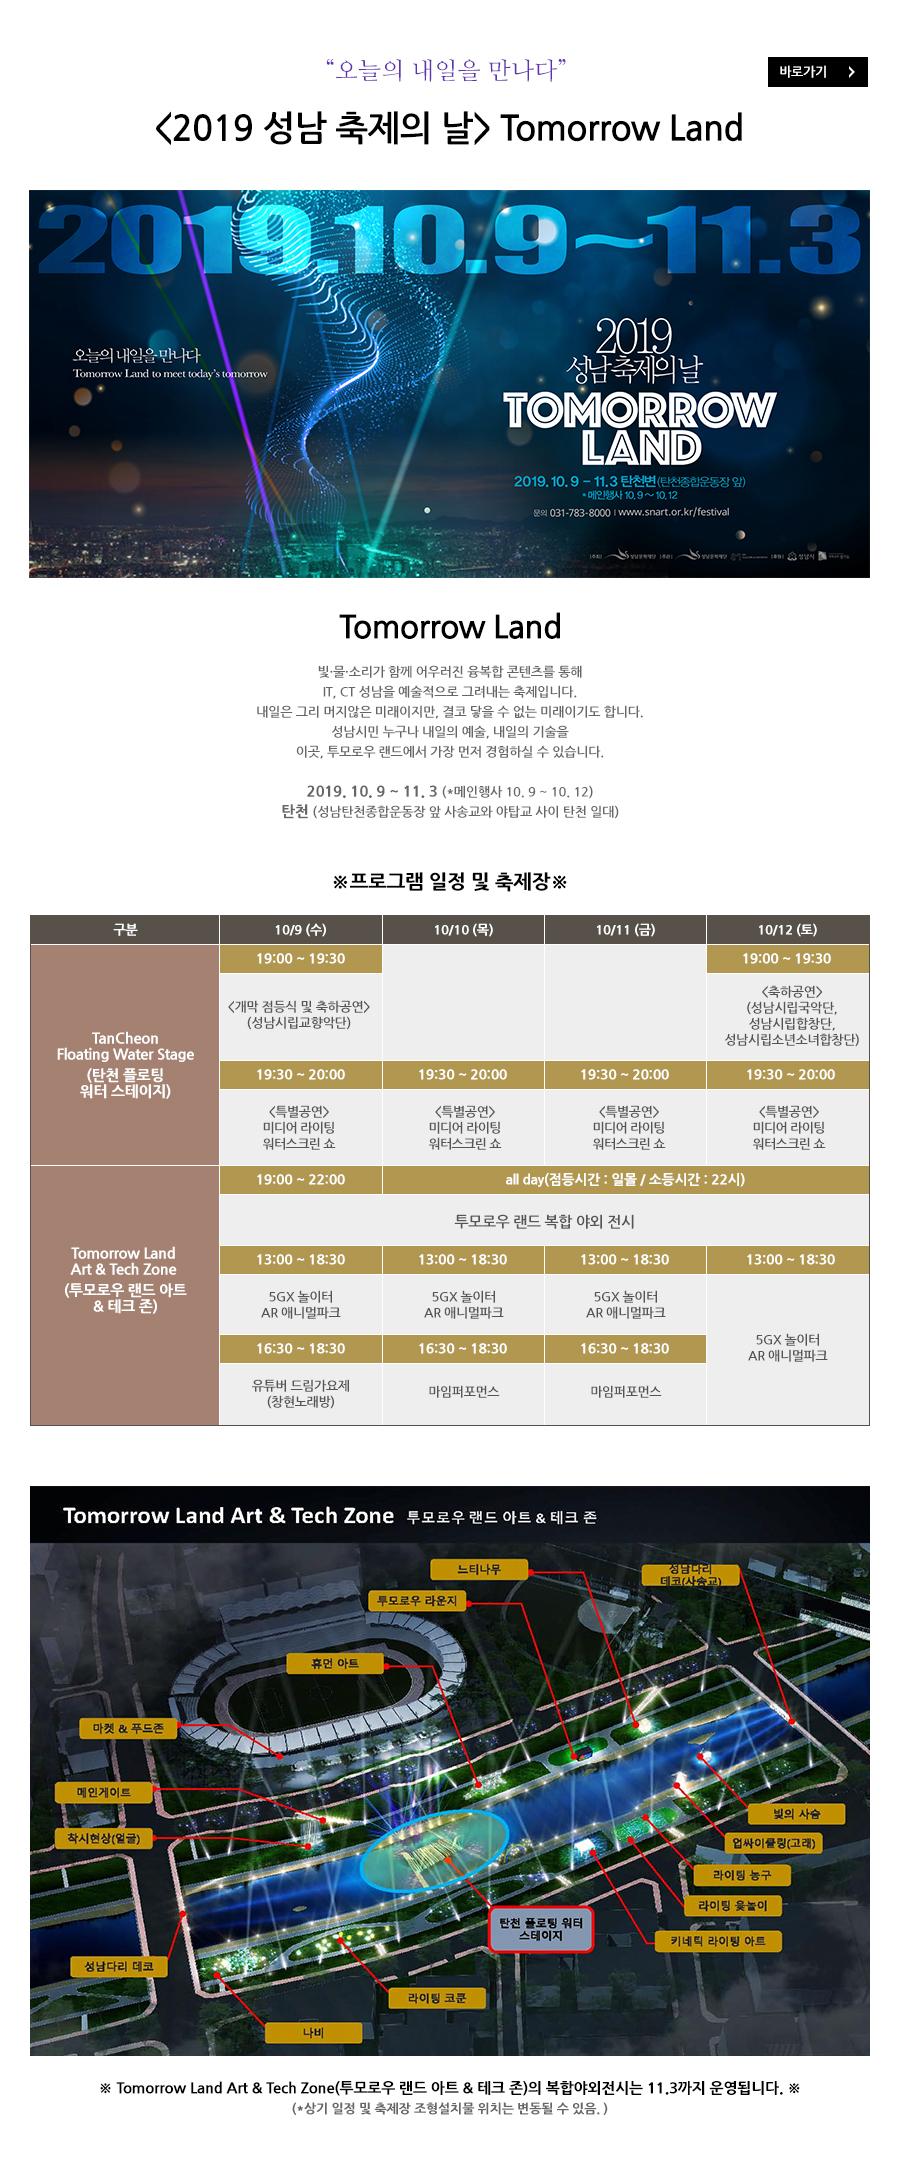 2019 성남 축제의 날 Tomorrow Land